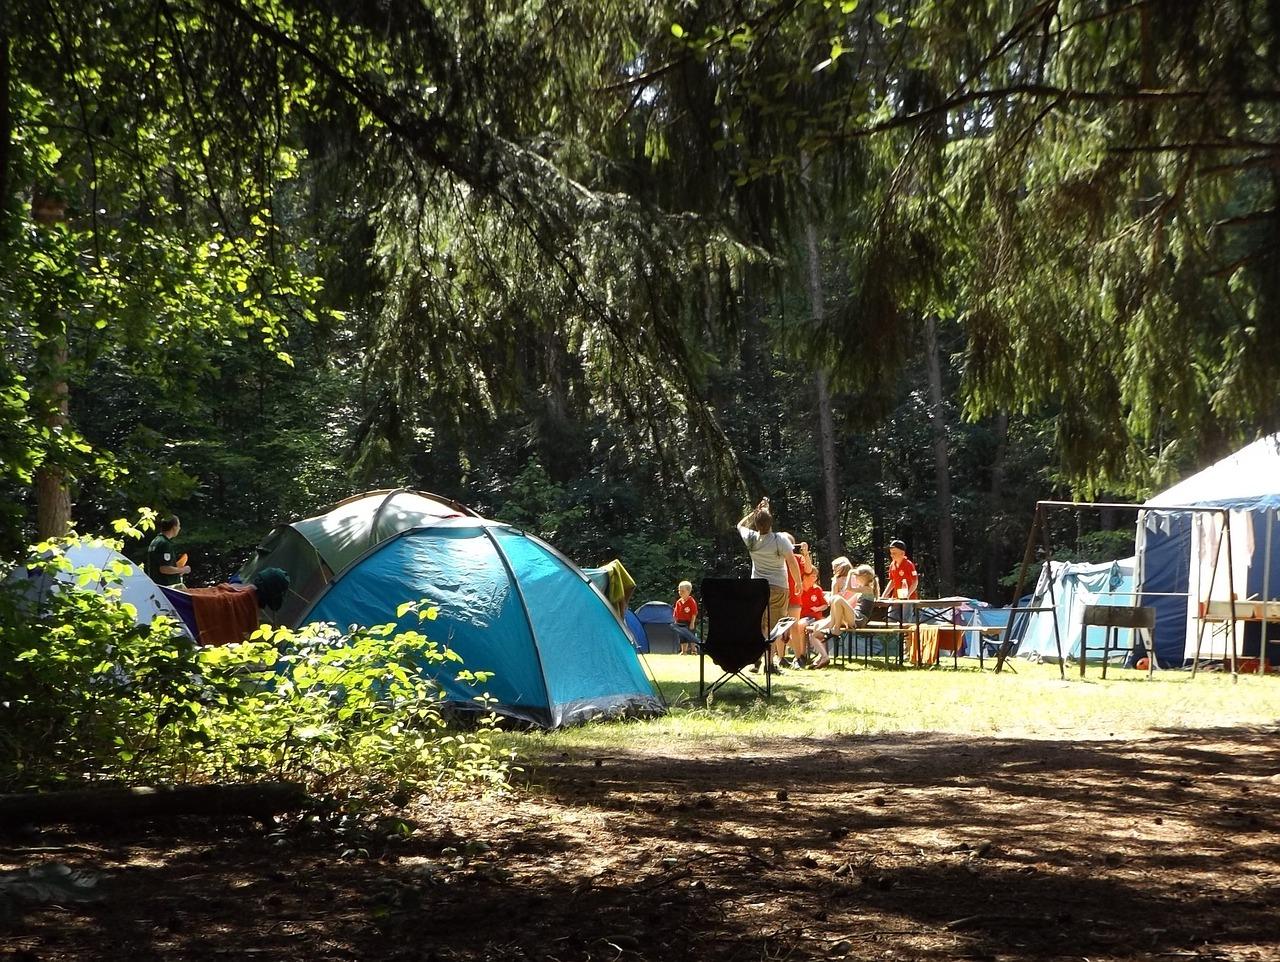 acampar, bosque, el verano